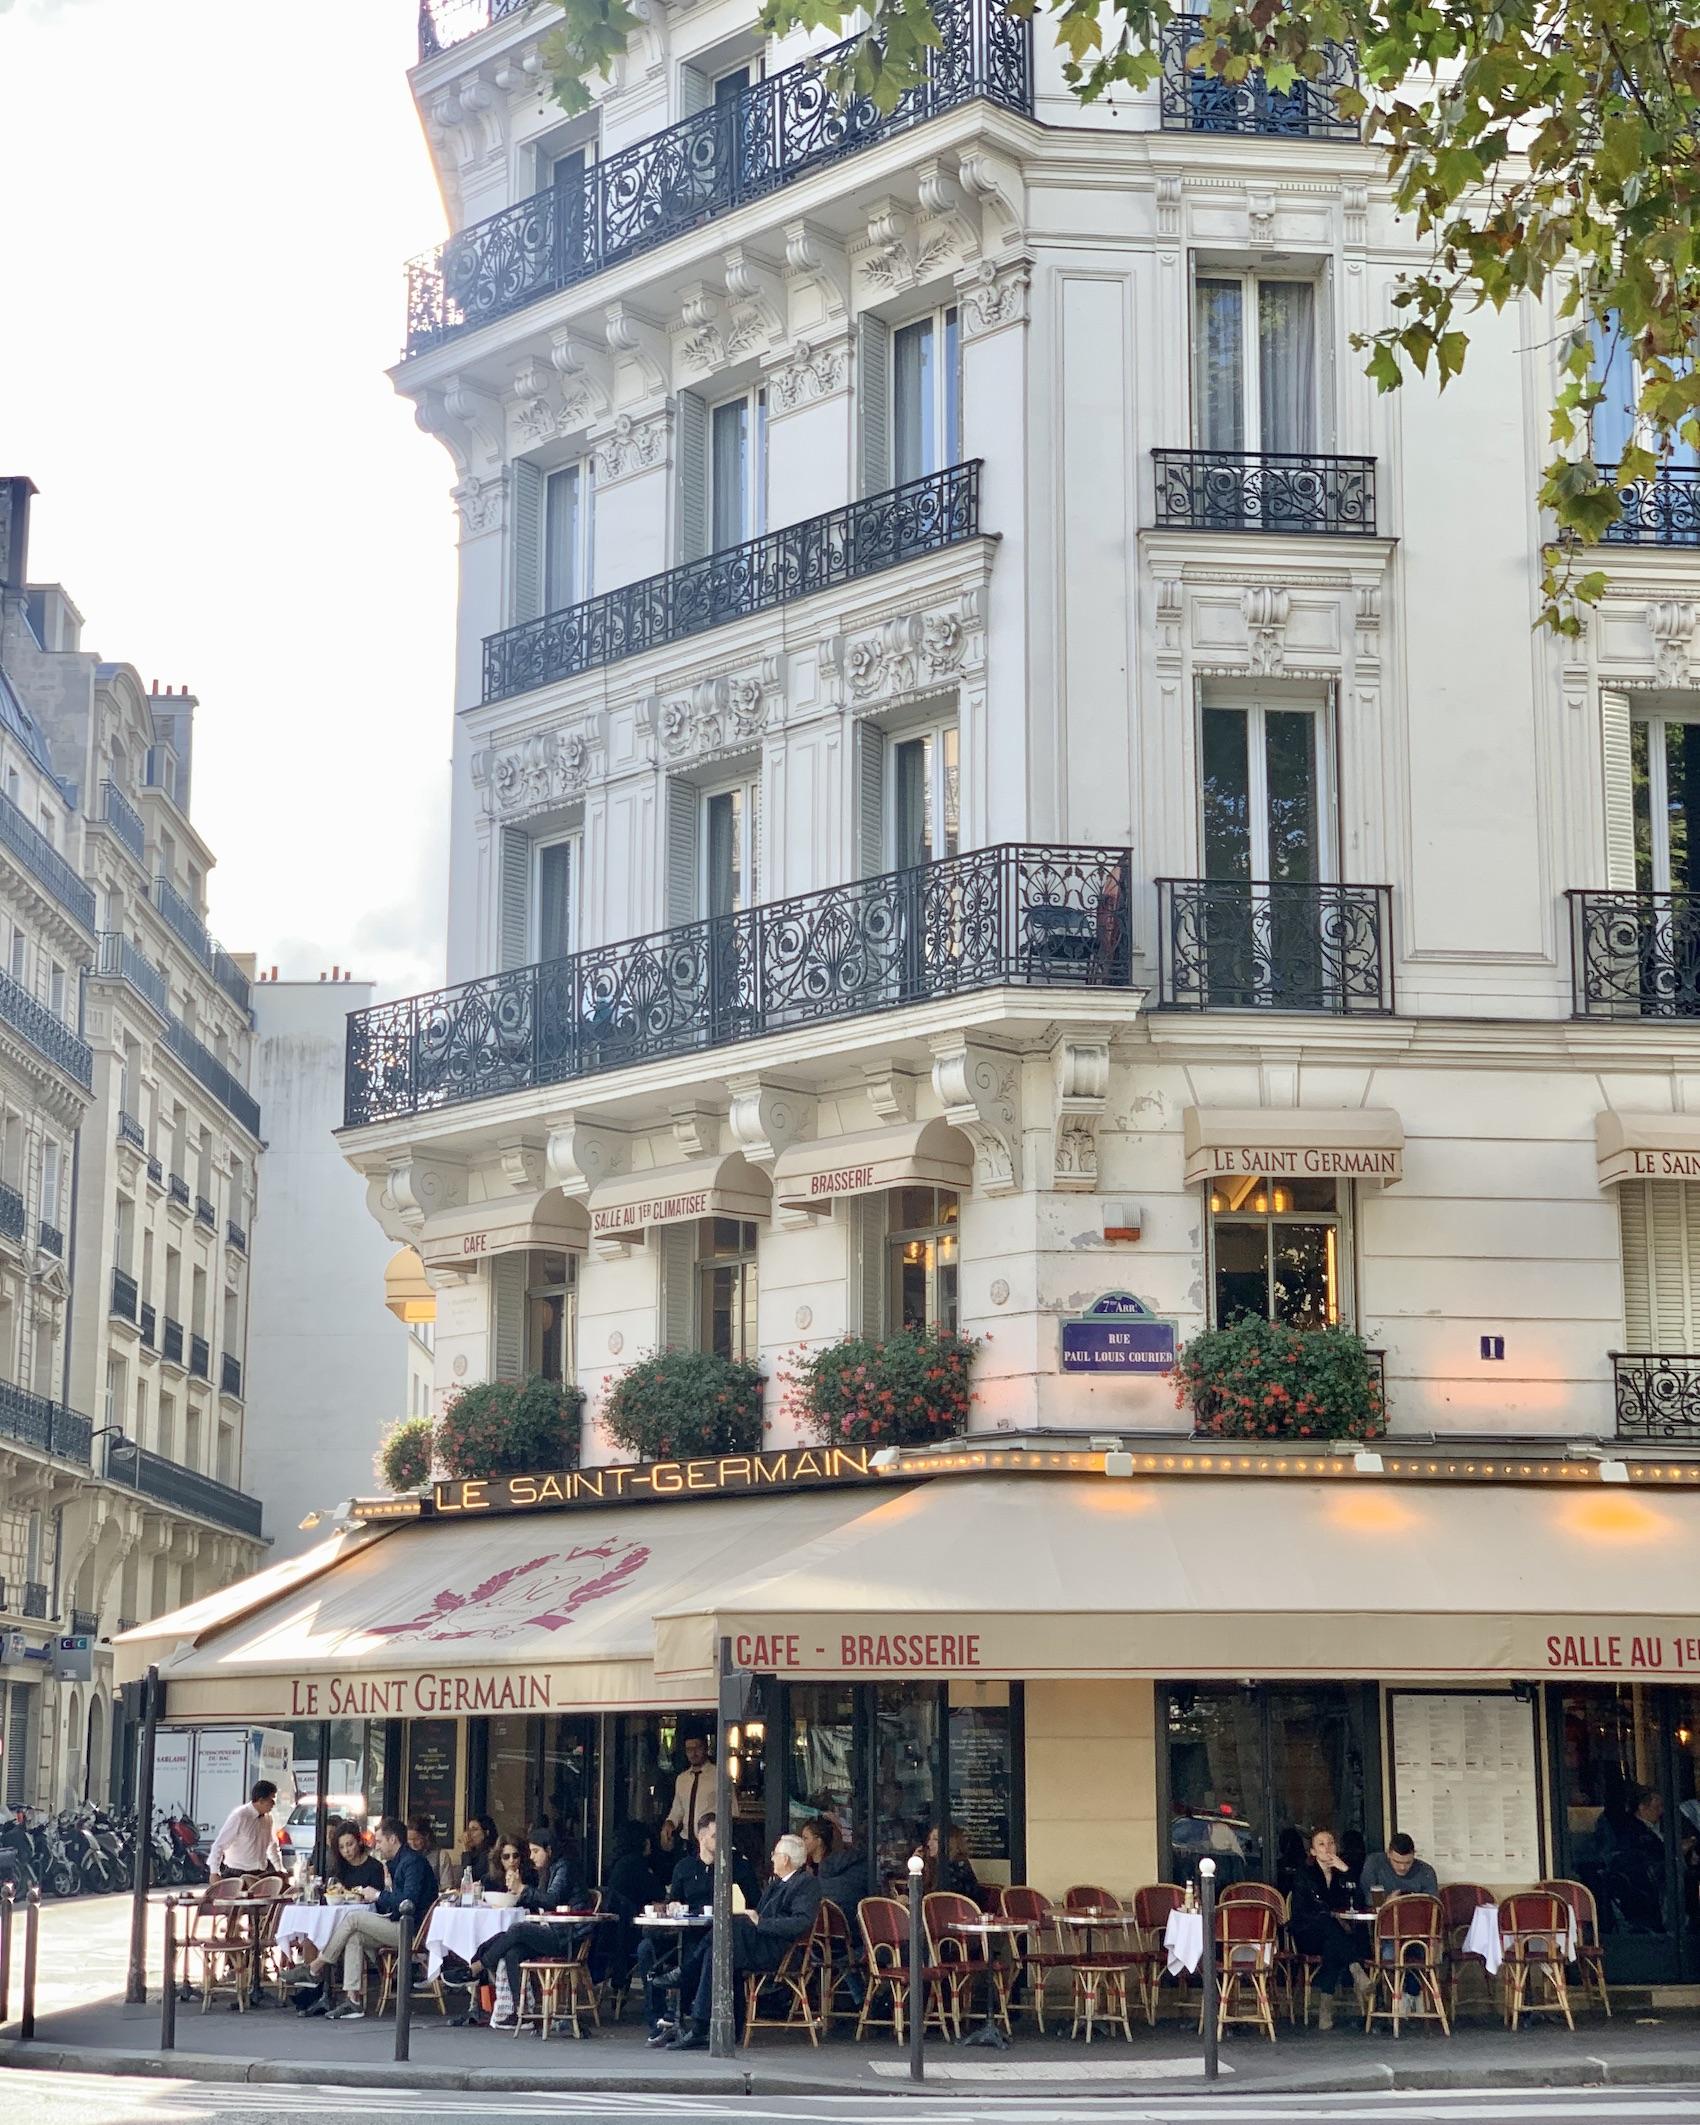 Le Saint Germain exterior